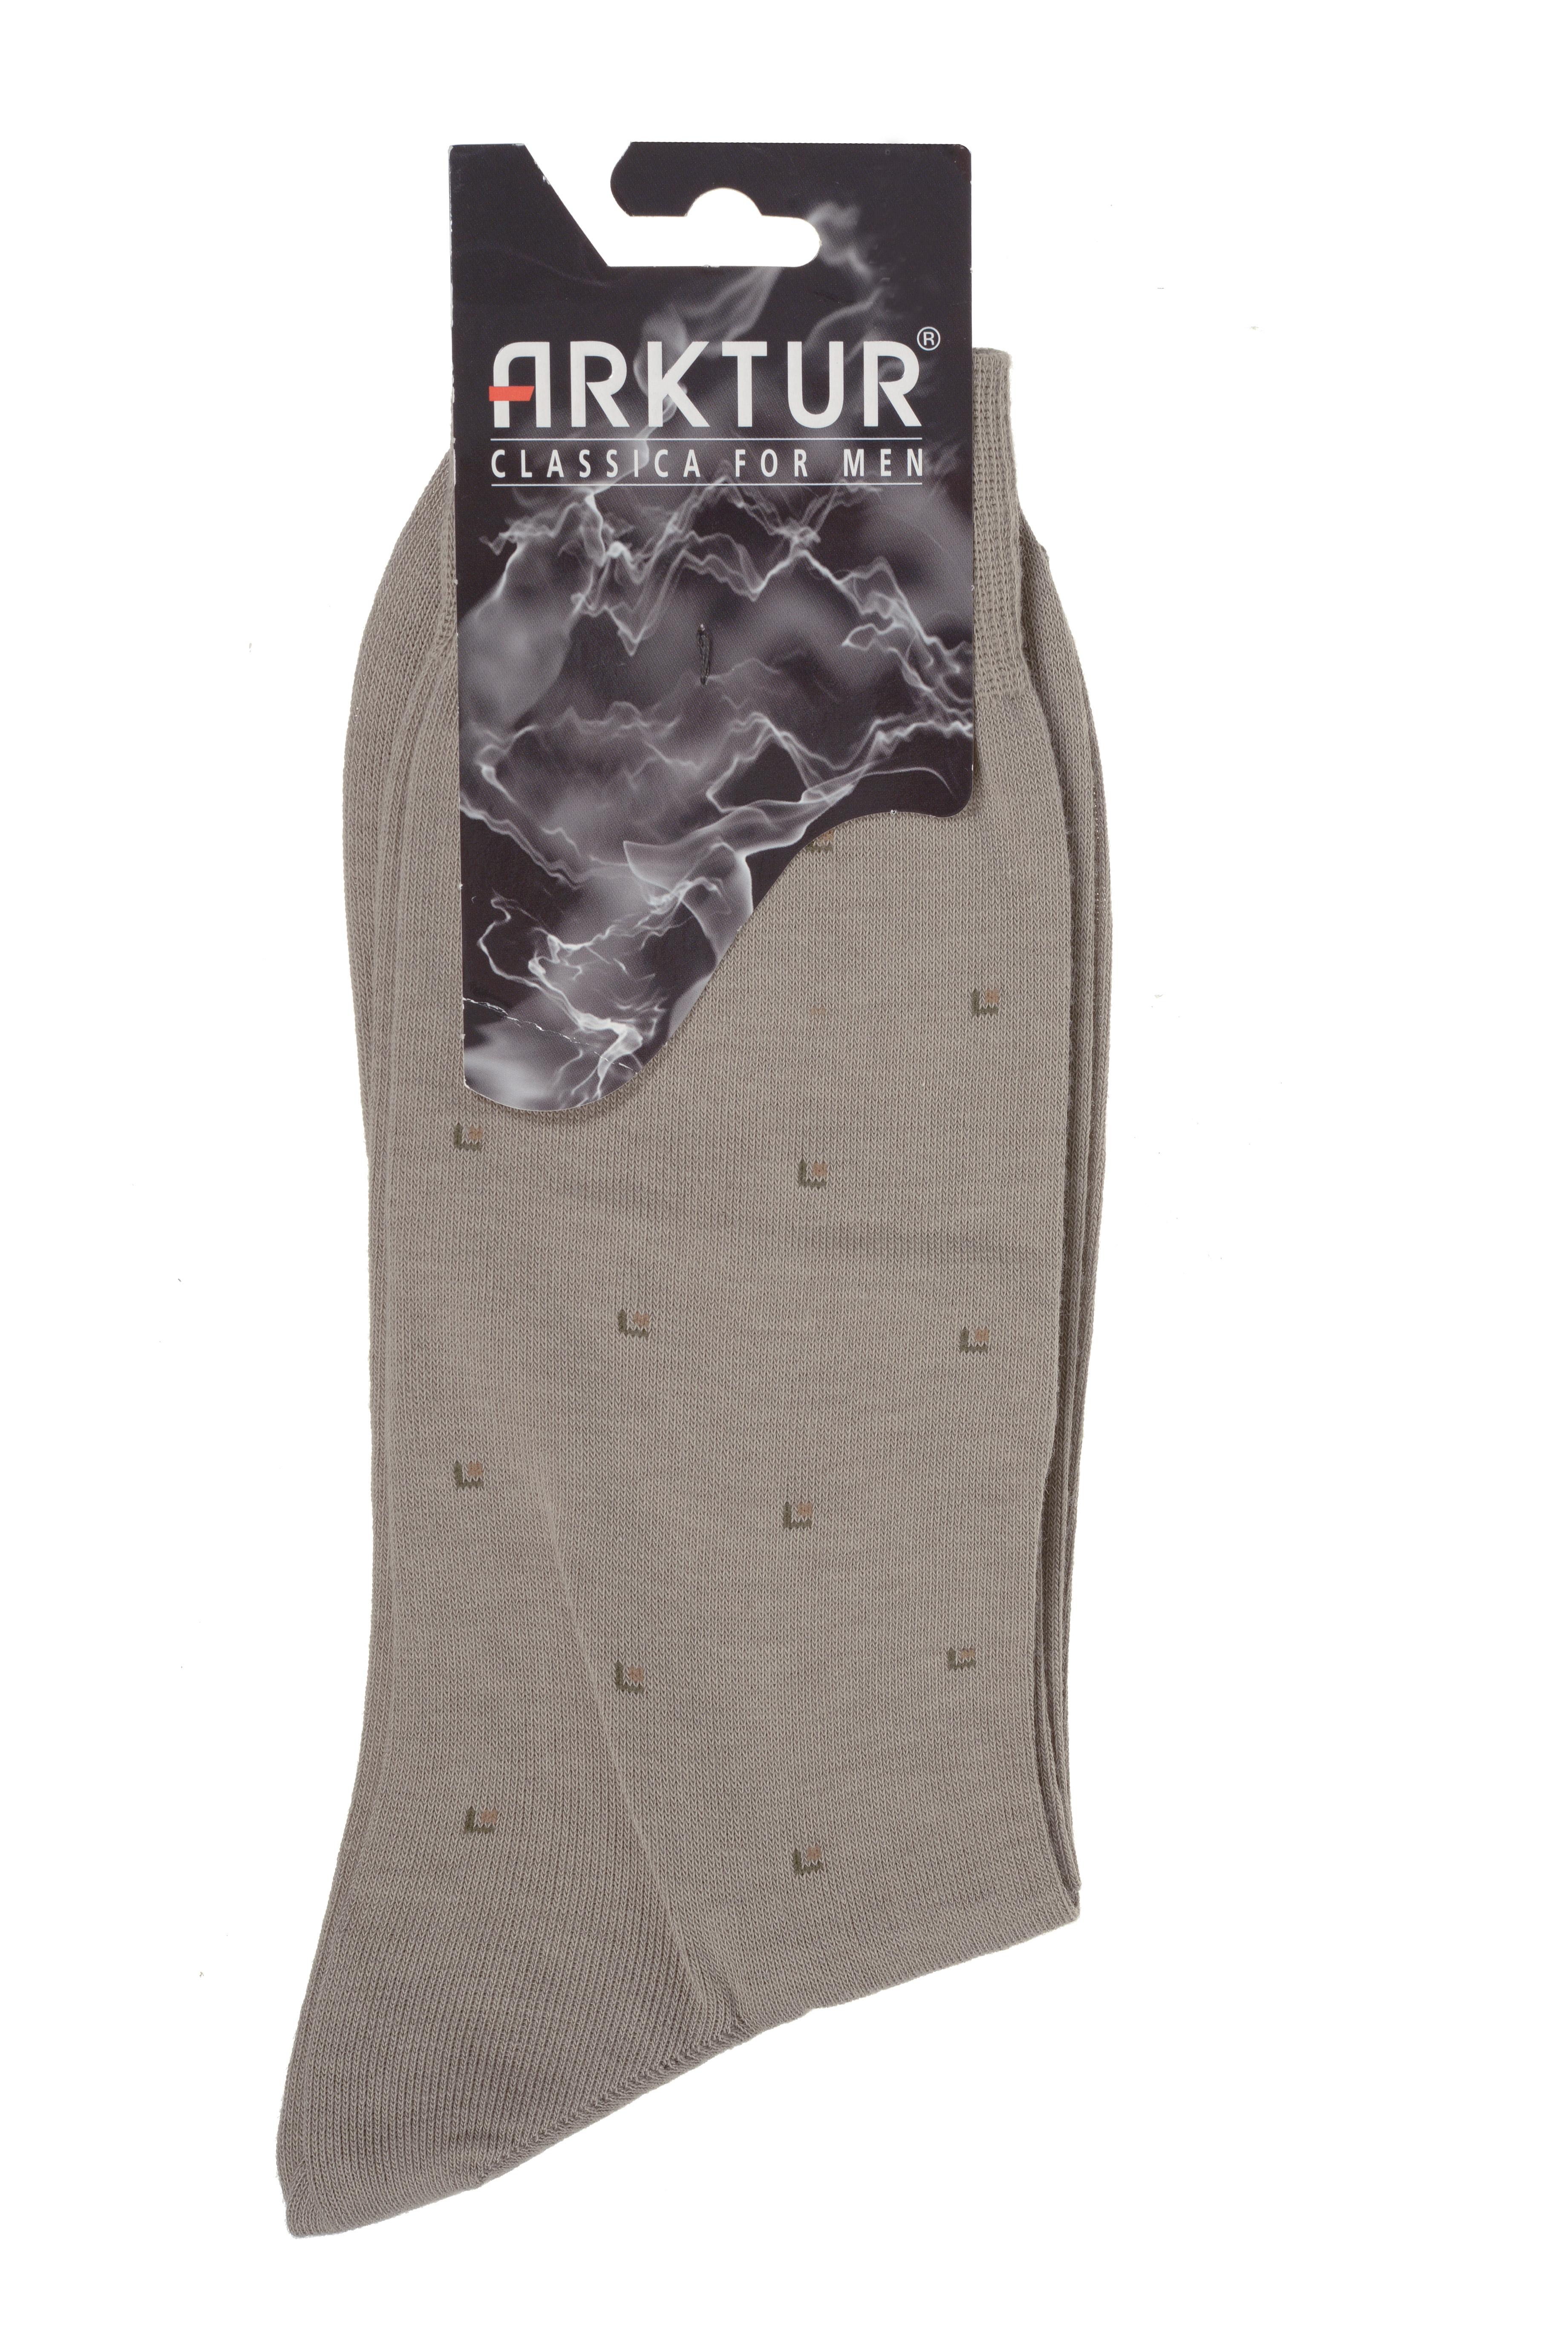 Носки мужские Arktur, цвет: бежевый. Л 209. Размер 40/41Л 209Мужские носки Arktur изготовлены из хлопка с добавлением полиамида. Материал тактильно приятный, хорошо пропускает воздух. Носки дополнены комфортной эластичной резинкой. Изделие оформлено мелким абстрактным принтом. Удобные и прочные носки станут отличным дополнением к вашему гардеробу.